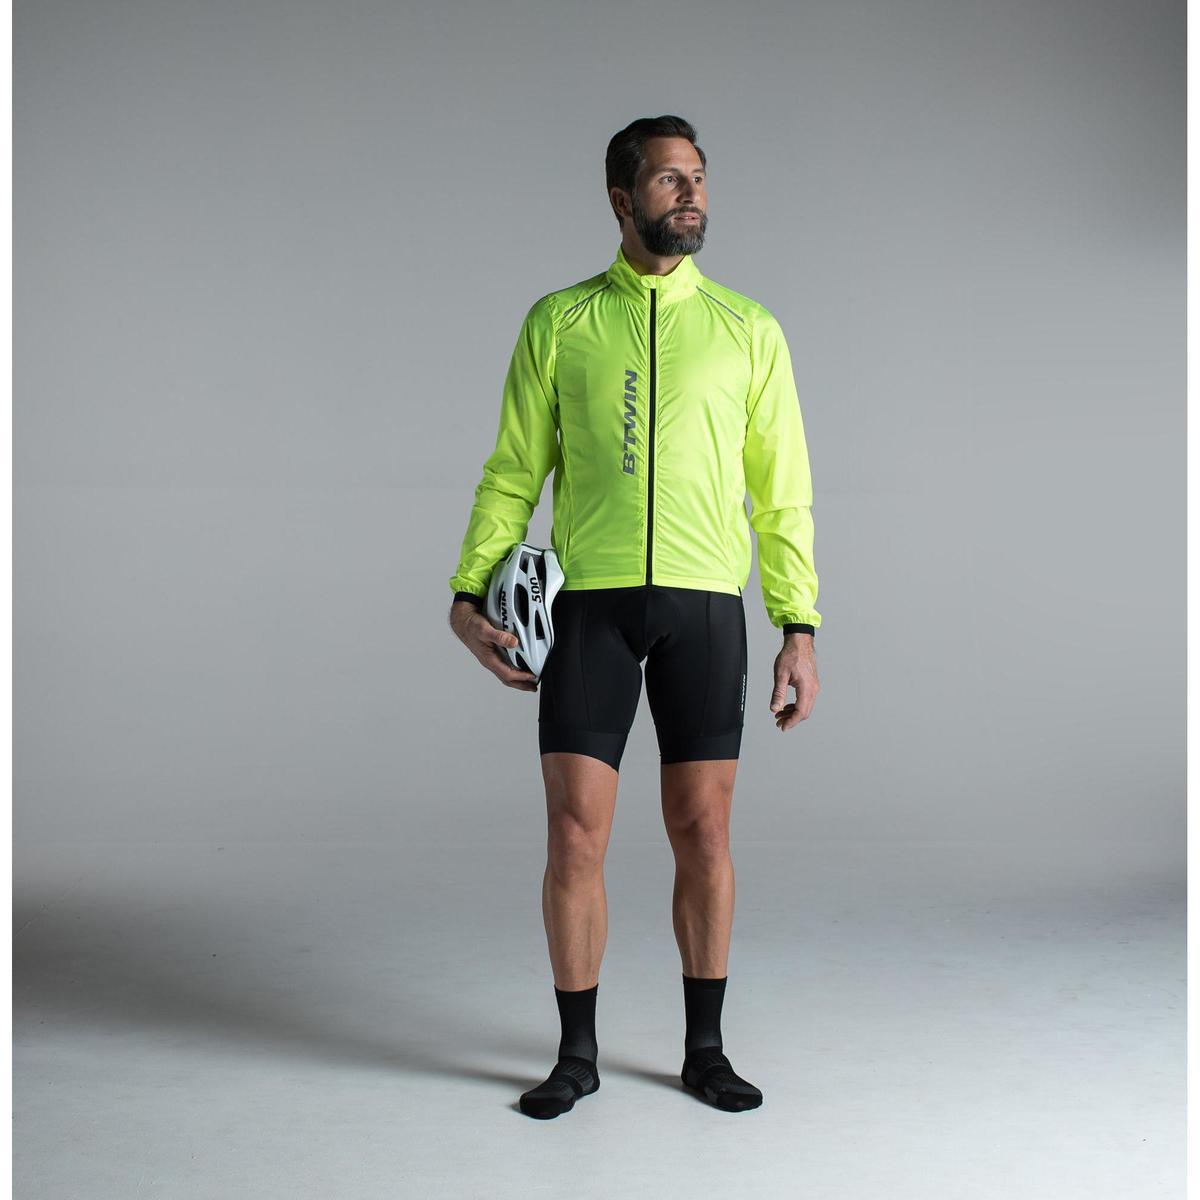 Bild 3 von Fahrrad-Windjacke Langarm Rennrad Ultralight Herren neongelb